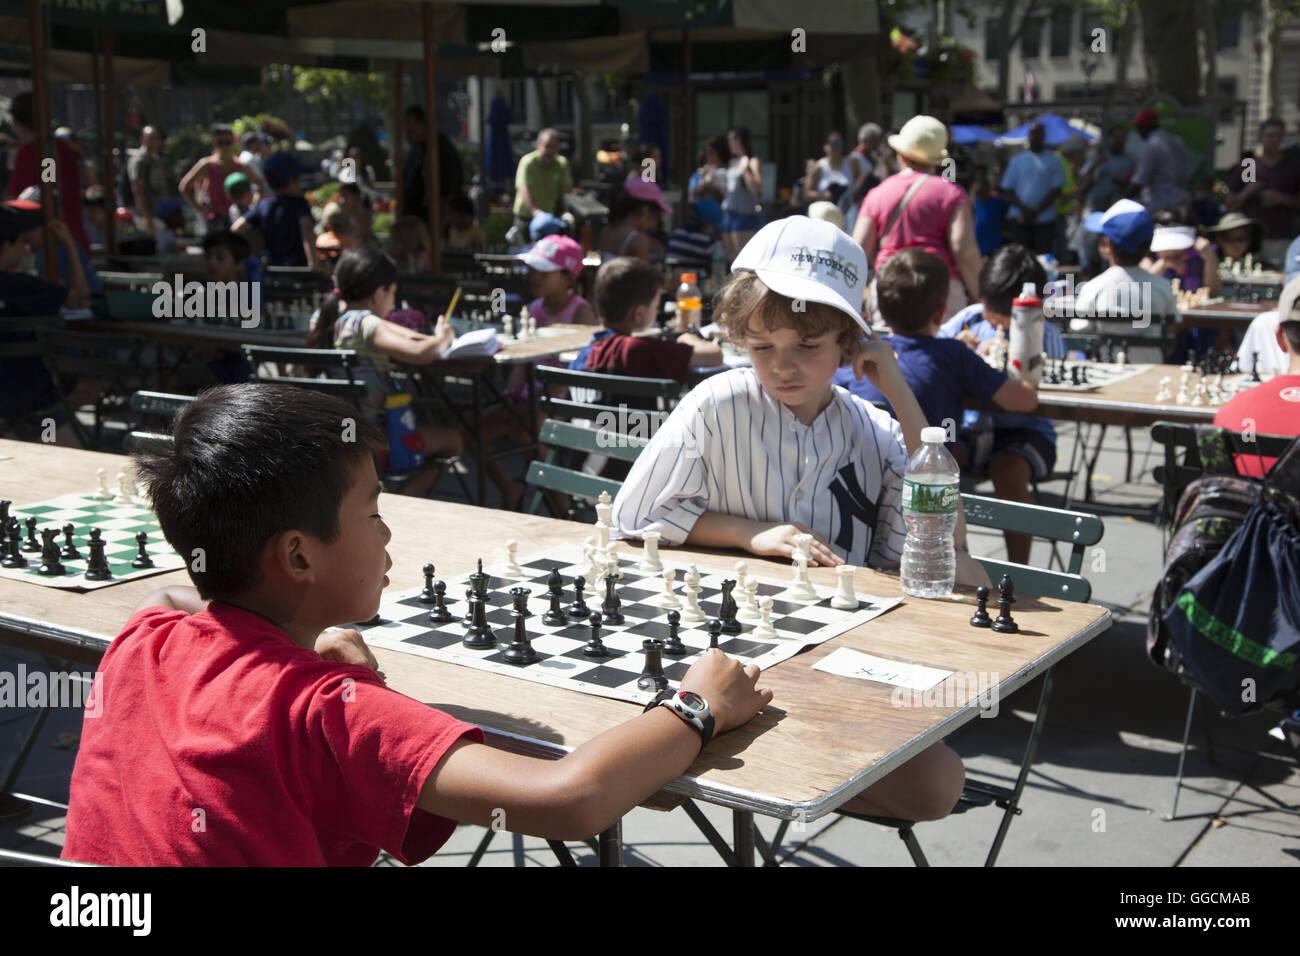 Les enfants à apprendre et jouer aux échecs à l'occasion d'une journée d'échecs (camp) dans Bryant Park à Manhattan, New York. Banque D'Images